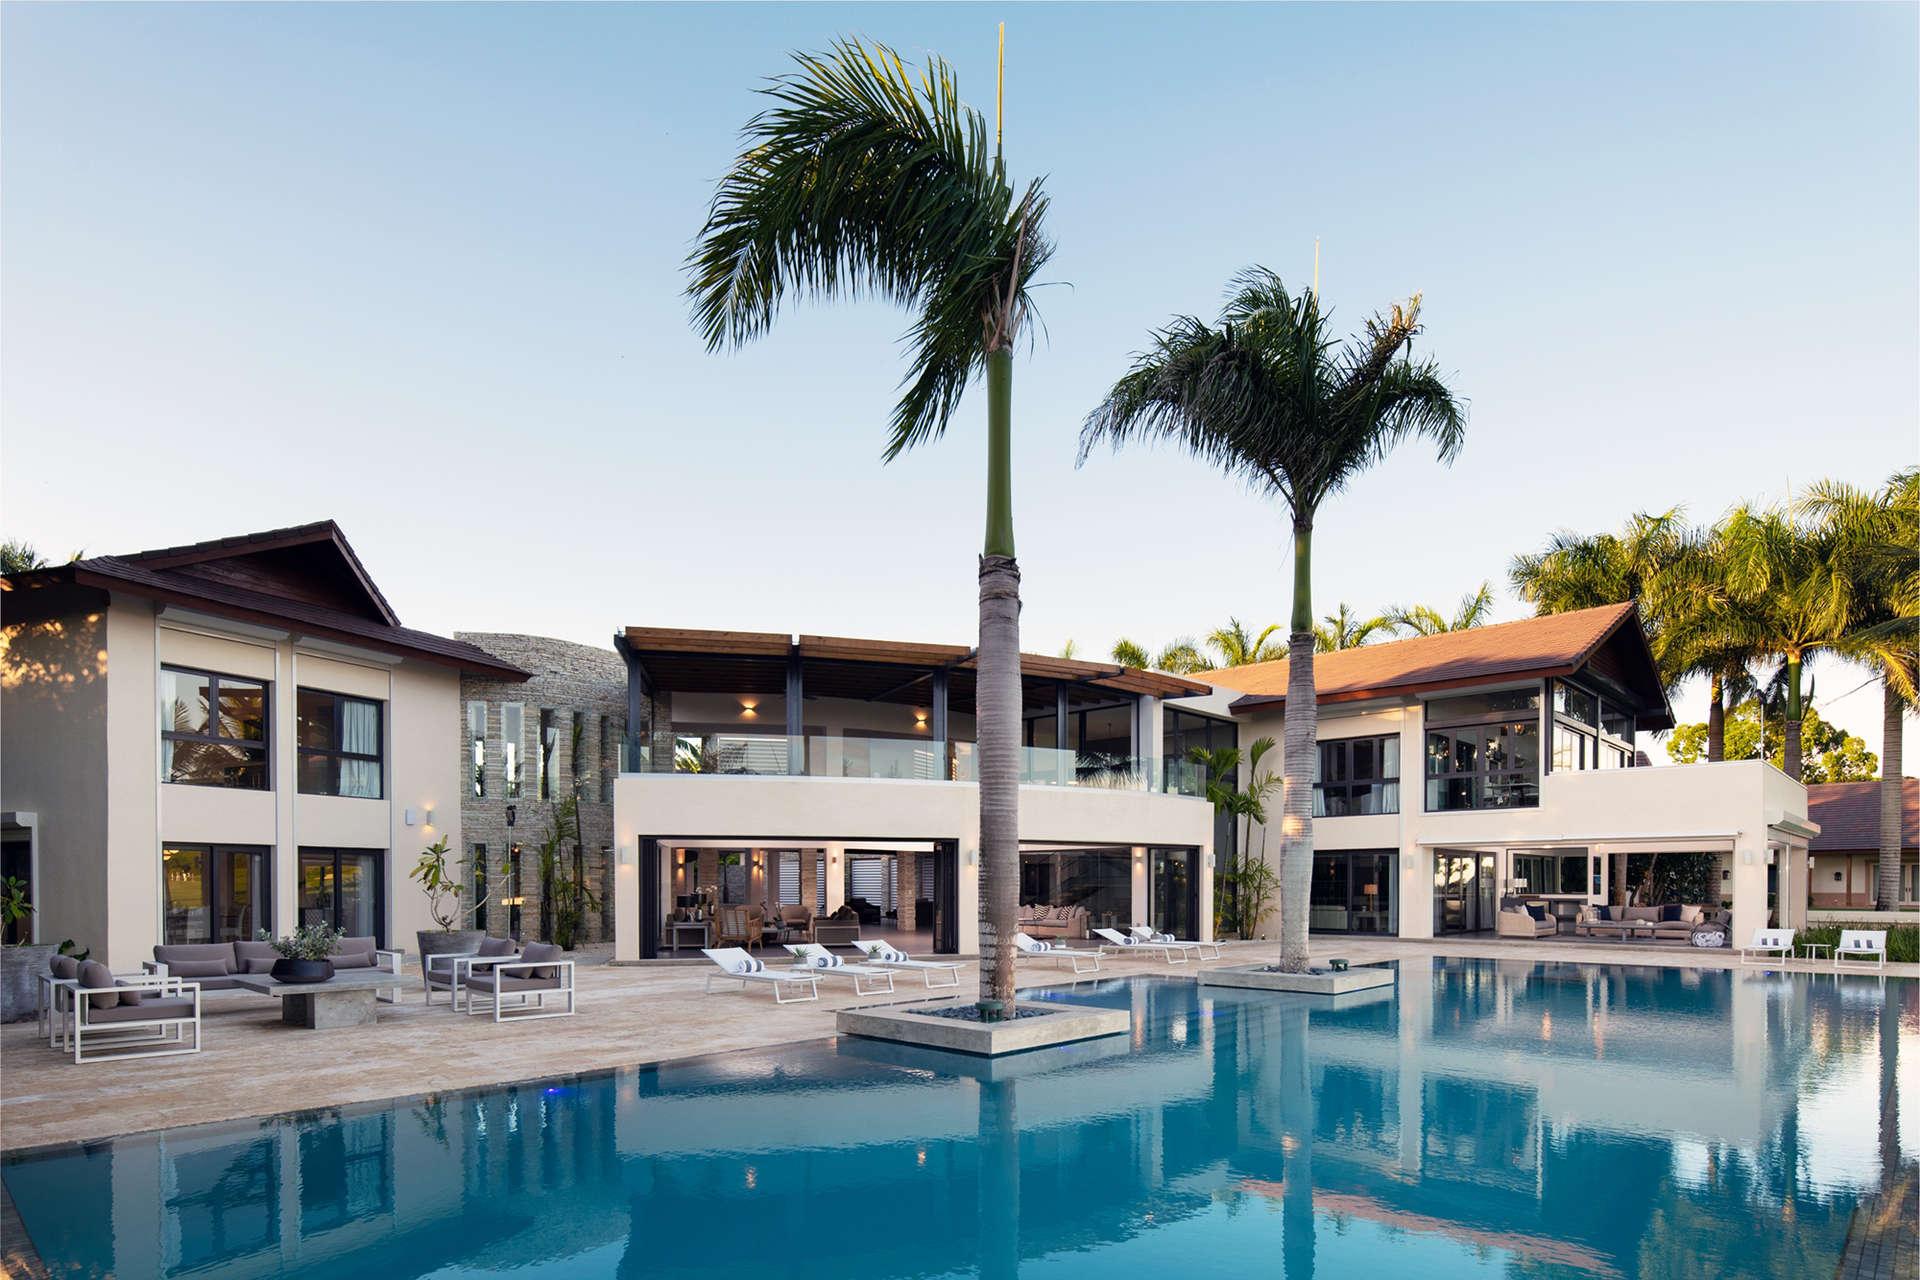 Luxury villa rentals caribbean - Dominican republic - Casa decampo - No location 4 - Rio Arriba 22 - Image 1/23